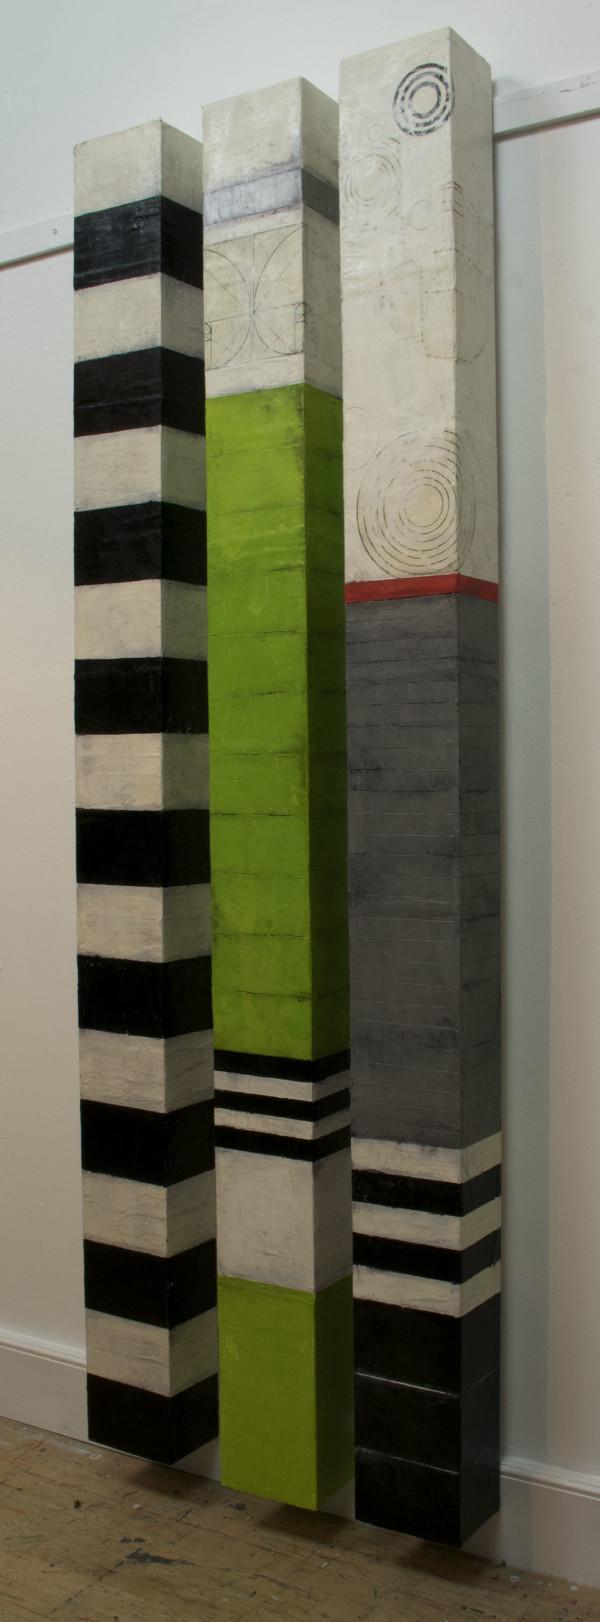 Wall Columns by Graceann Warn